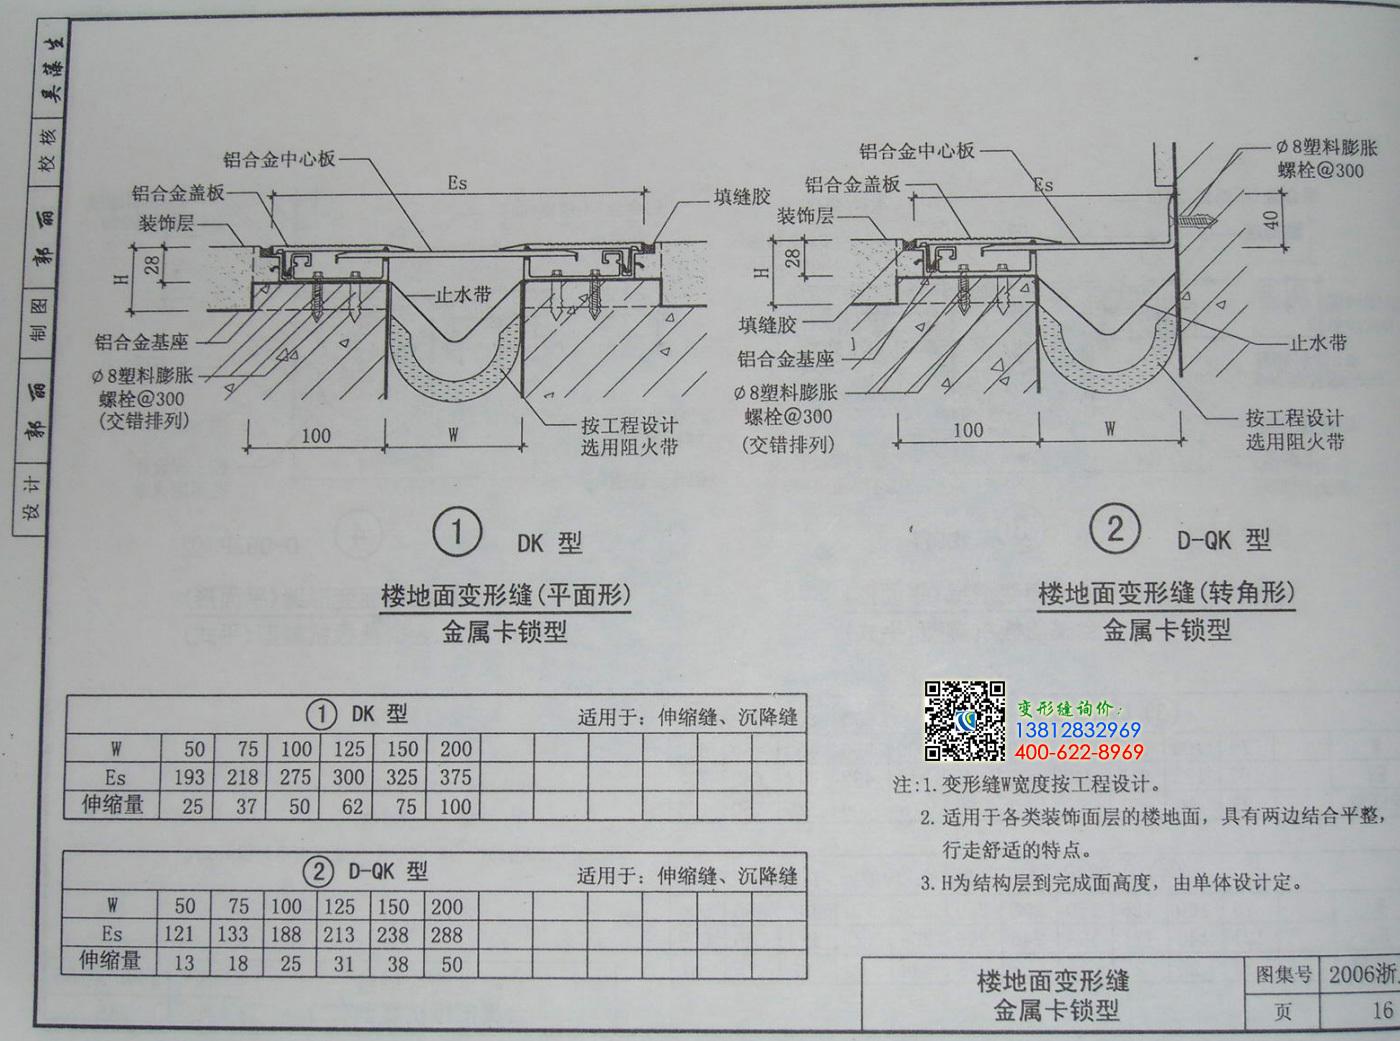 2006浙j55变形缝图集第16页